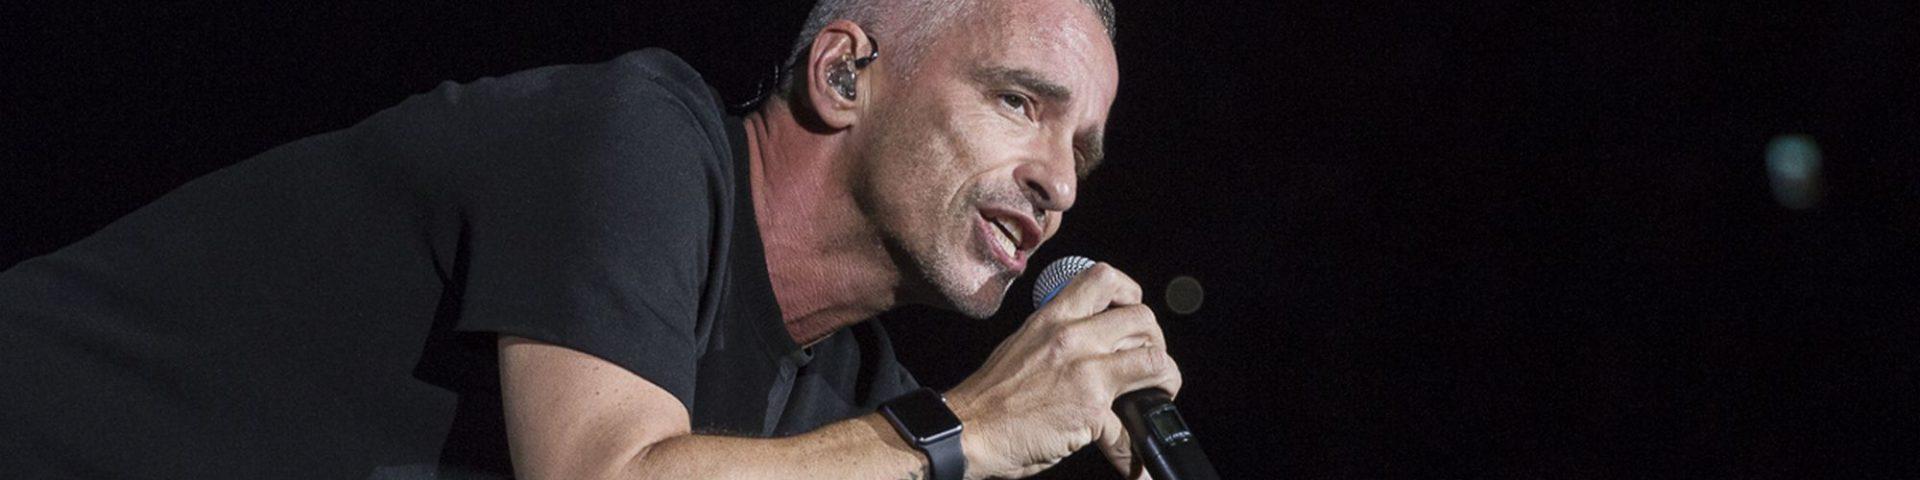 Eros Ramazzotti tour 2019 a Milano: date, biglietti e come arrivare